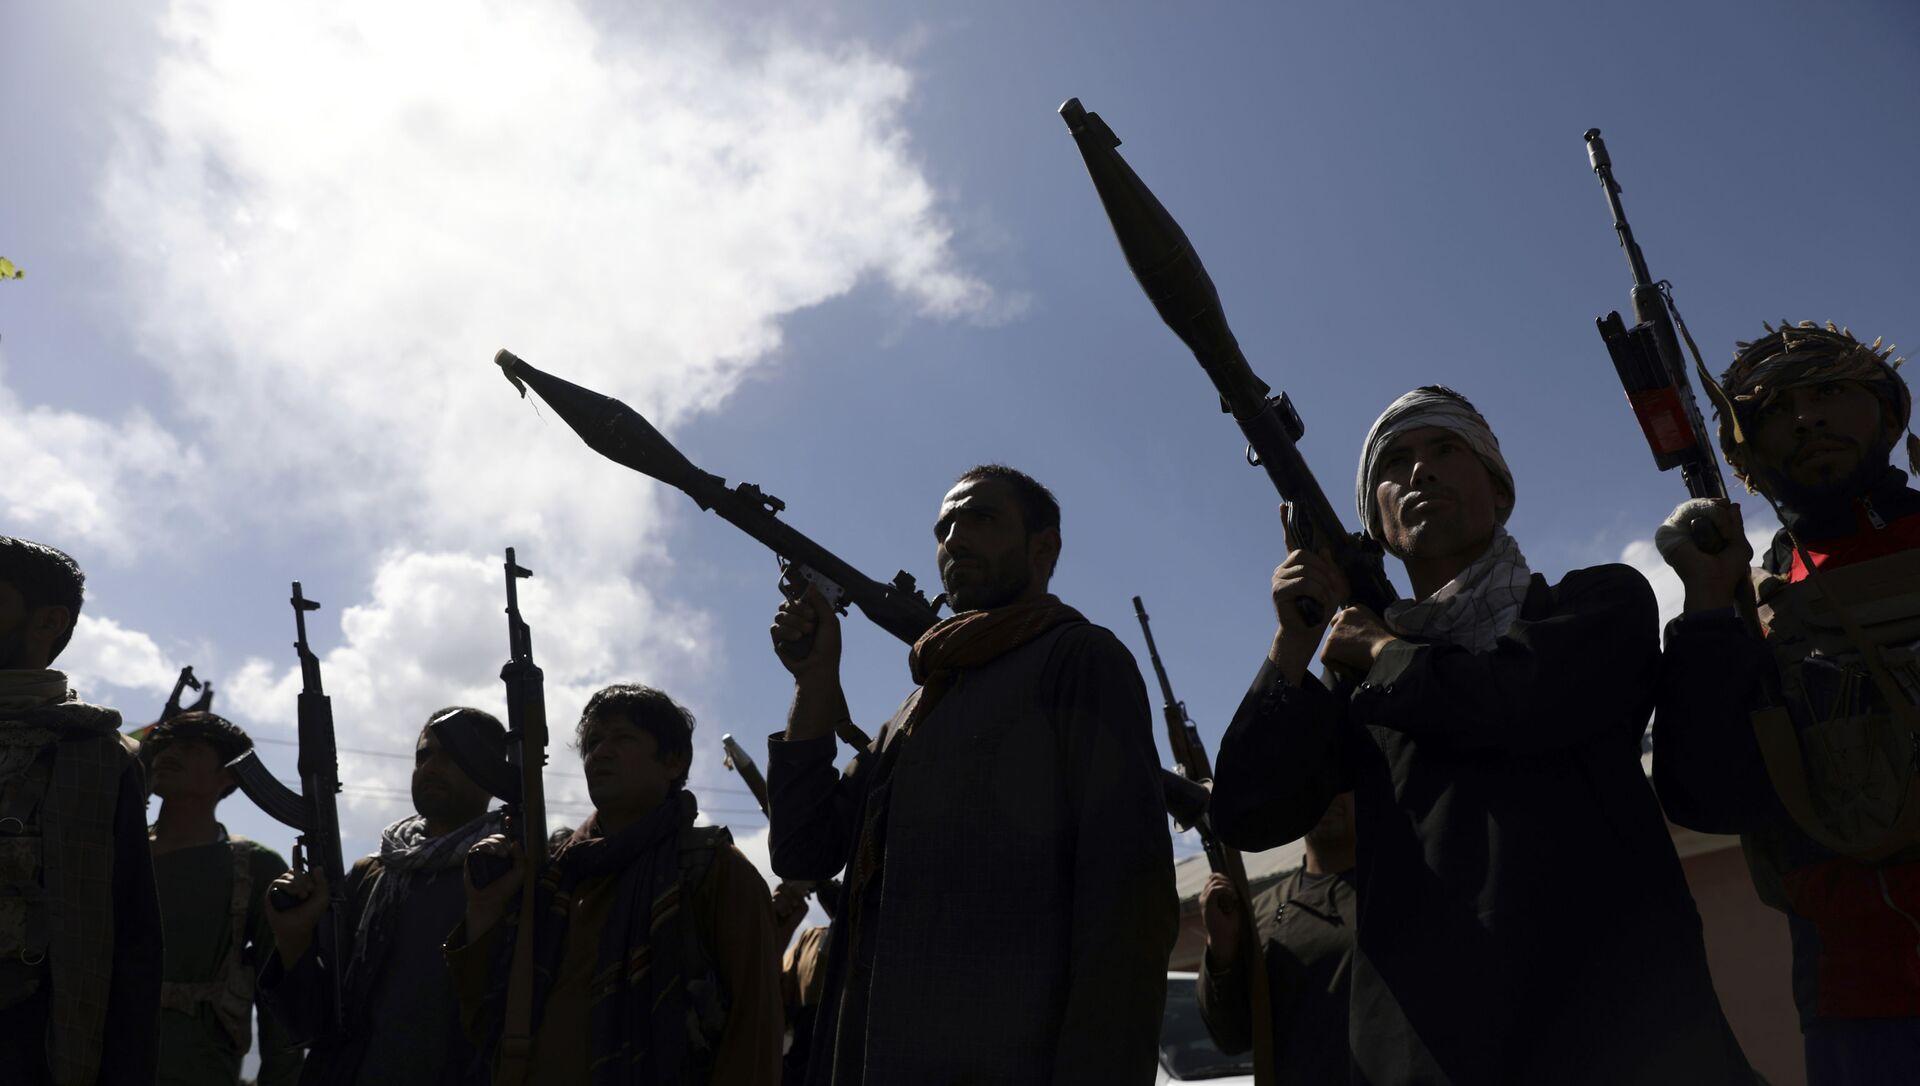 Вооруженные афганские ополченцы в Кабуле, Афганистан, 23 июня 2021 года - Sputnik Азербайджан, 1920, 20.07.2021